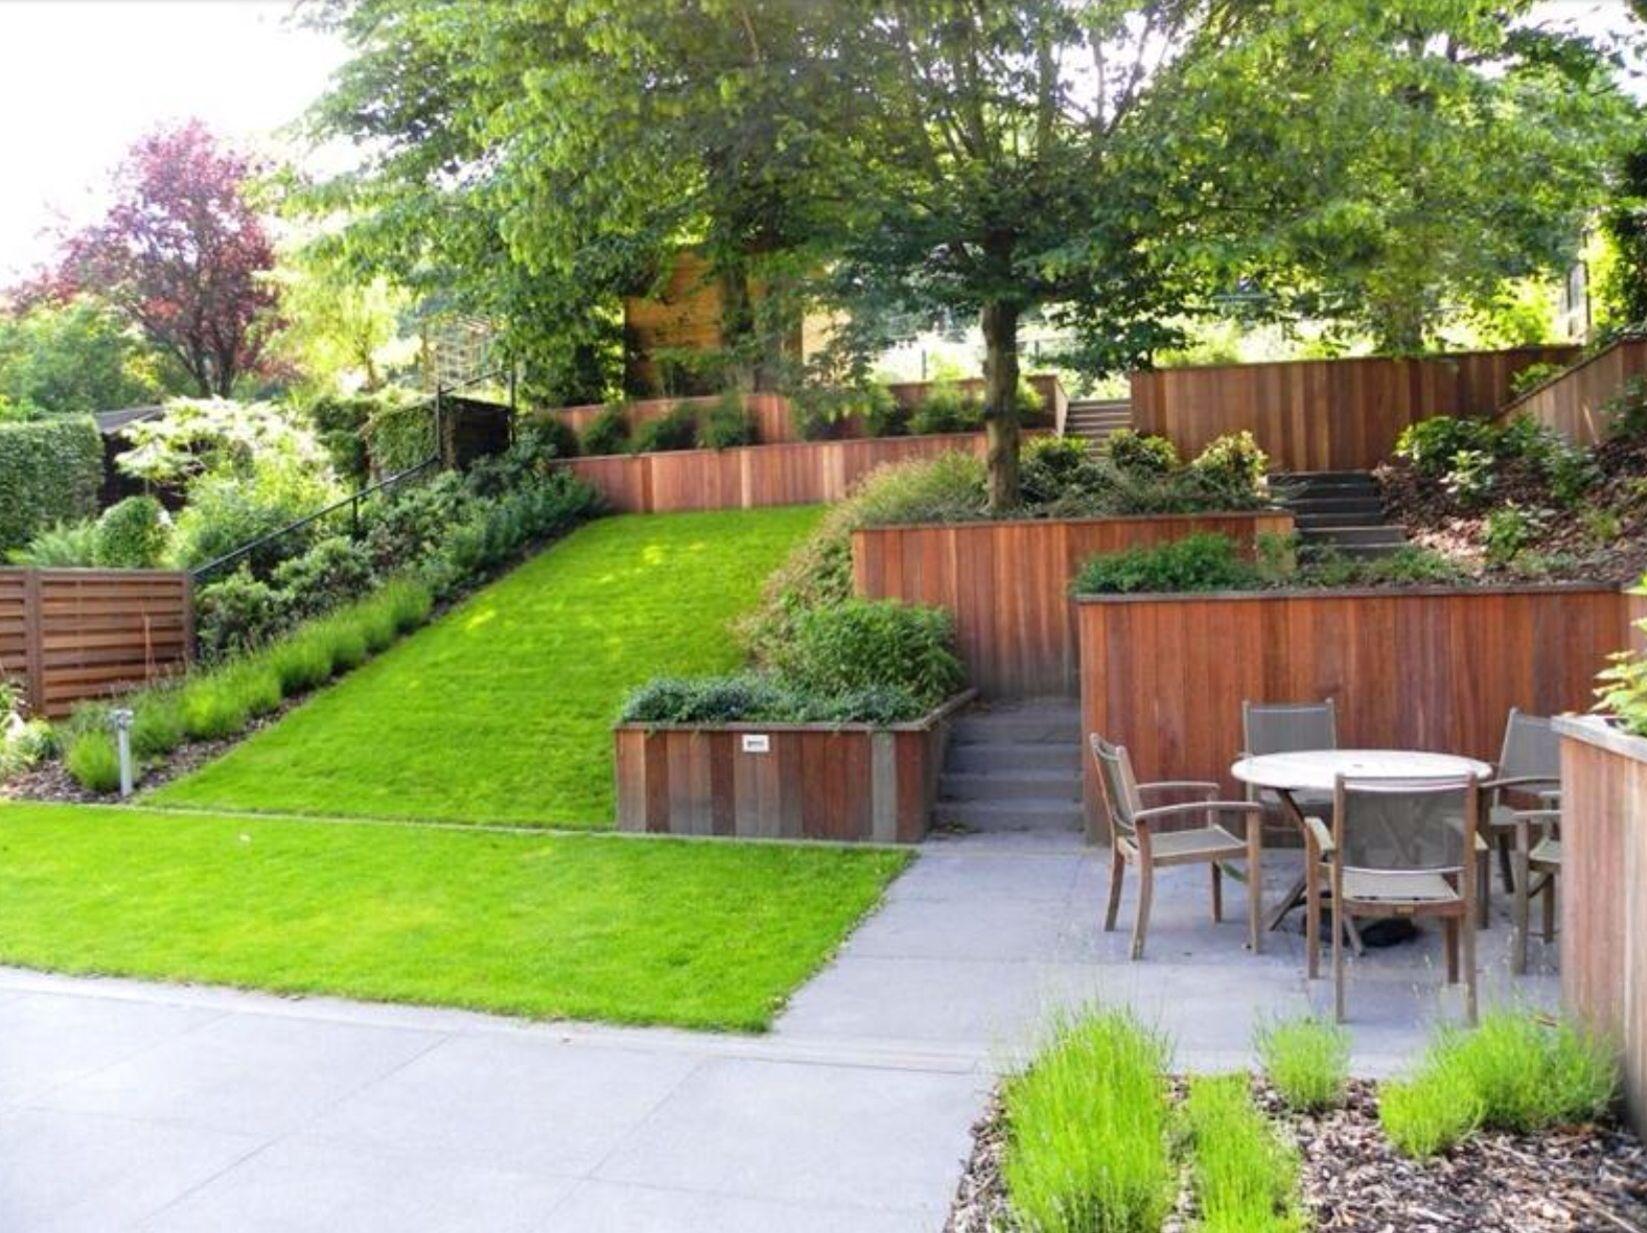 Comment Aménager Son Jardin En Pente un jardin | amenagement jardin en pente, jardin en pente